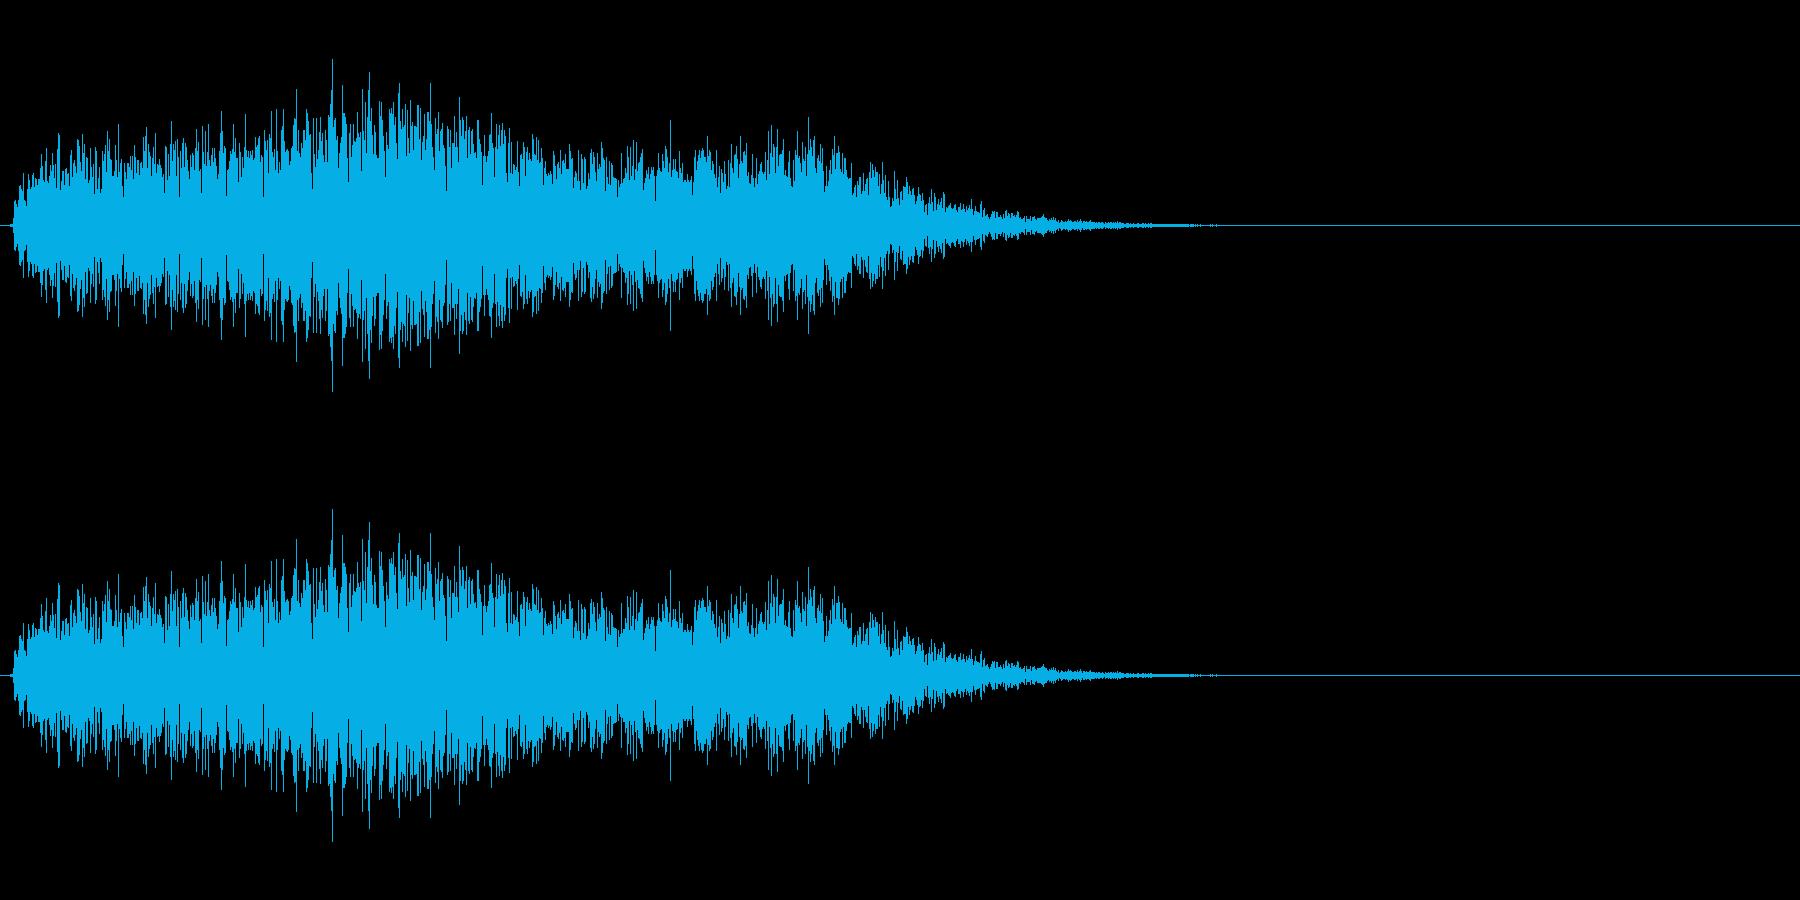 ノイジーなホラー効果の再生済みの波形